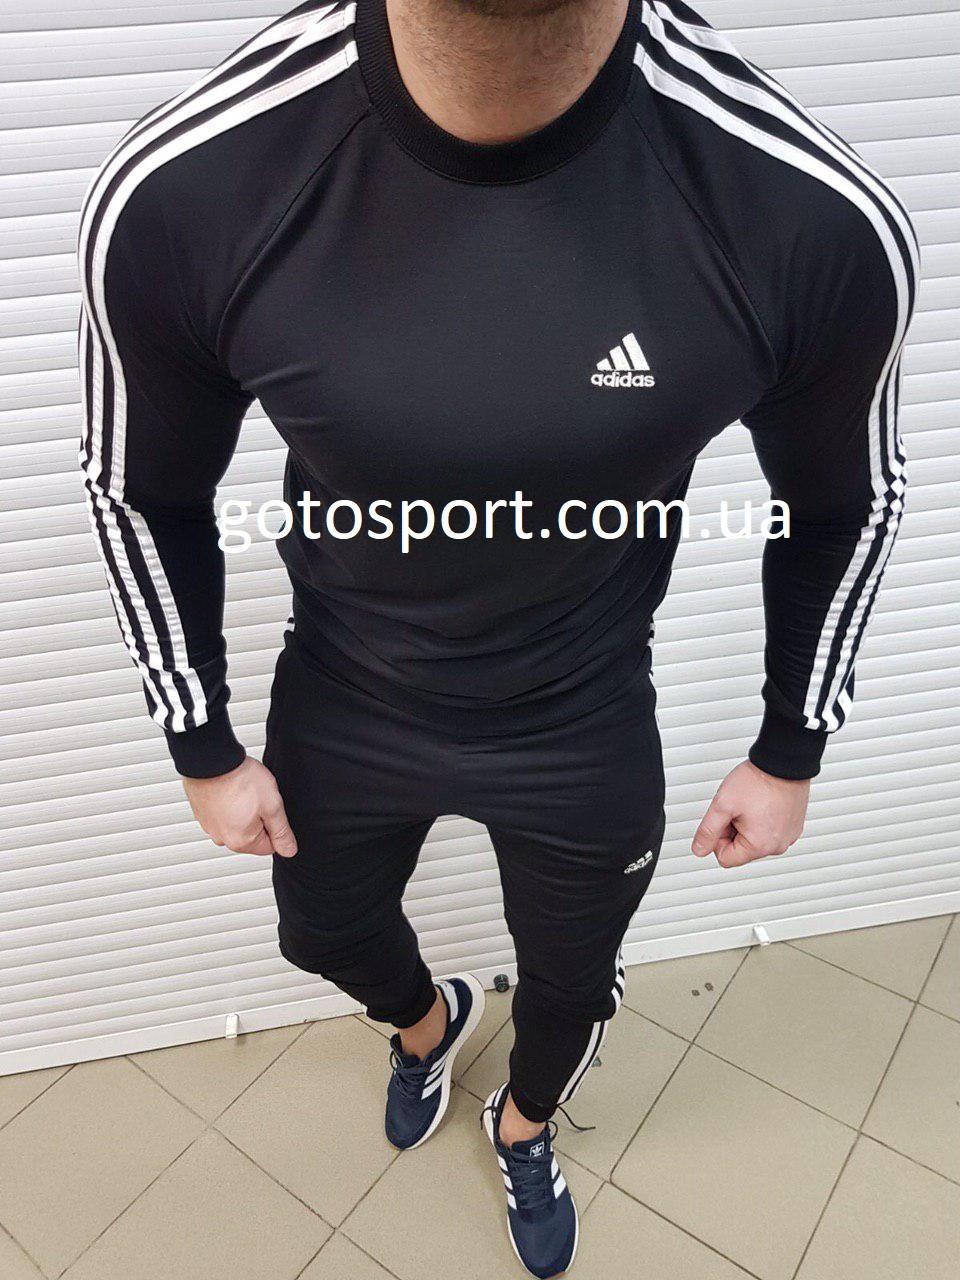 Мужской спортивный костюм Adidas Shazam